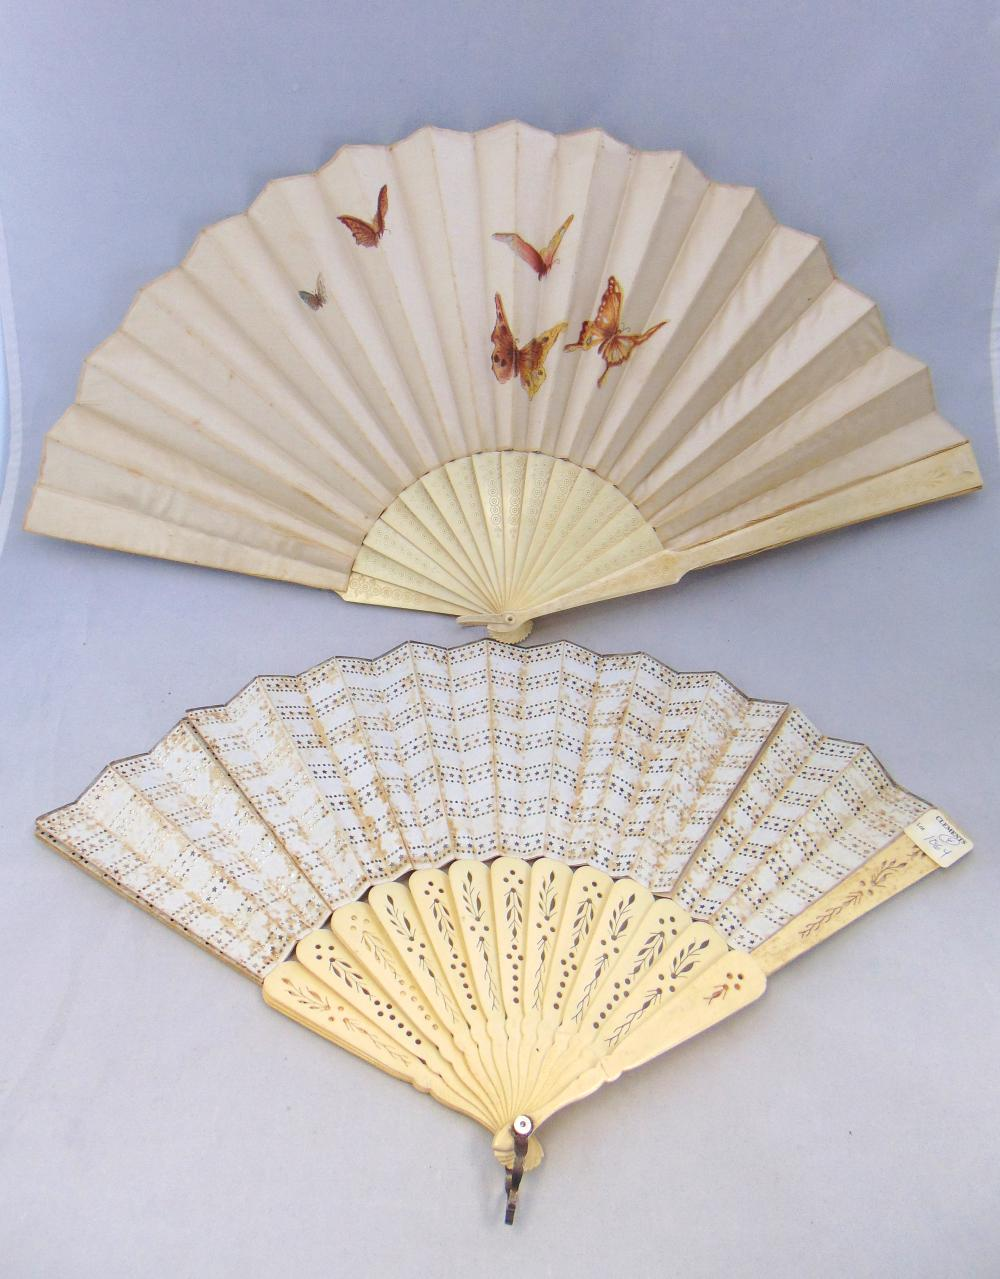 Two vintage decorative fans